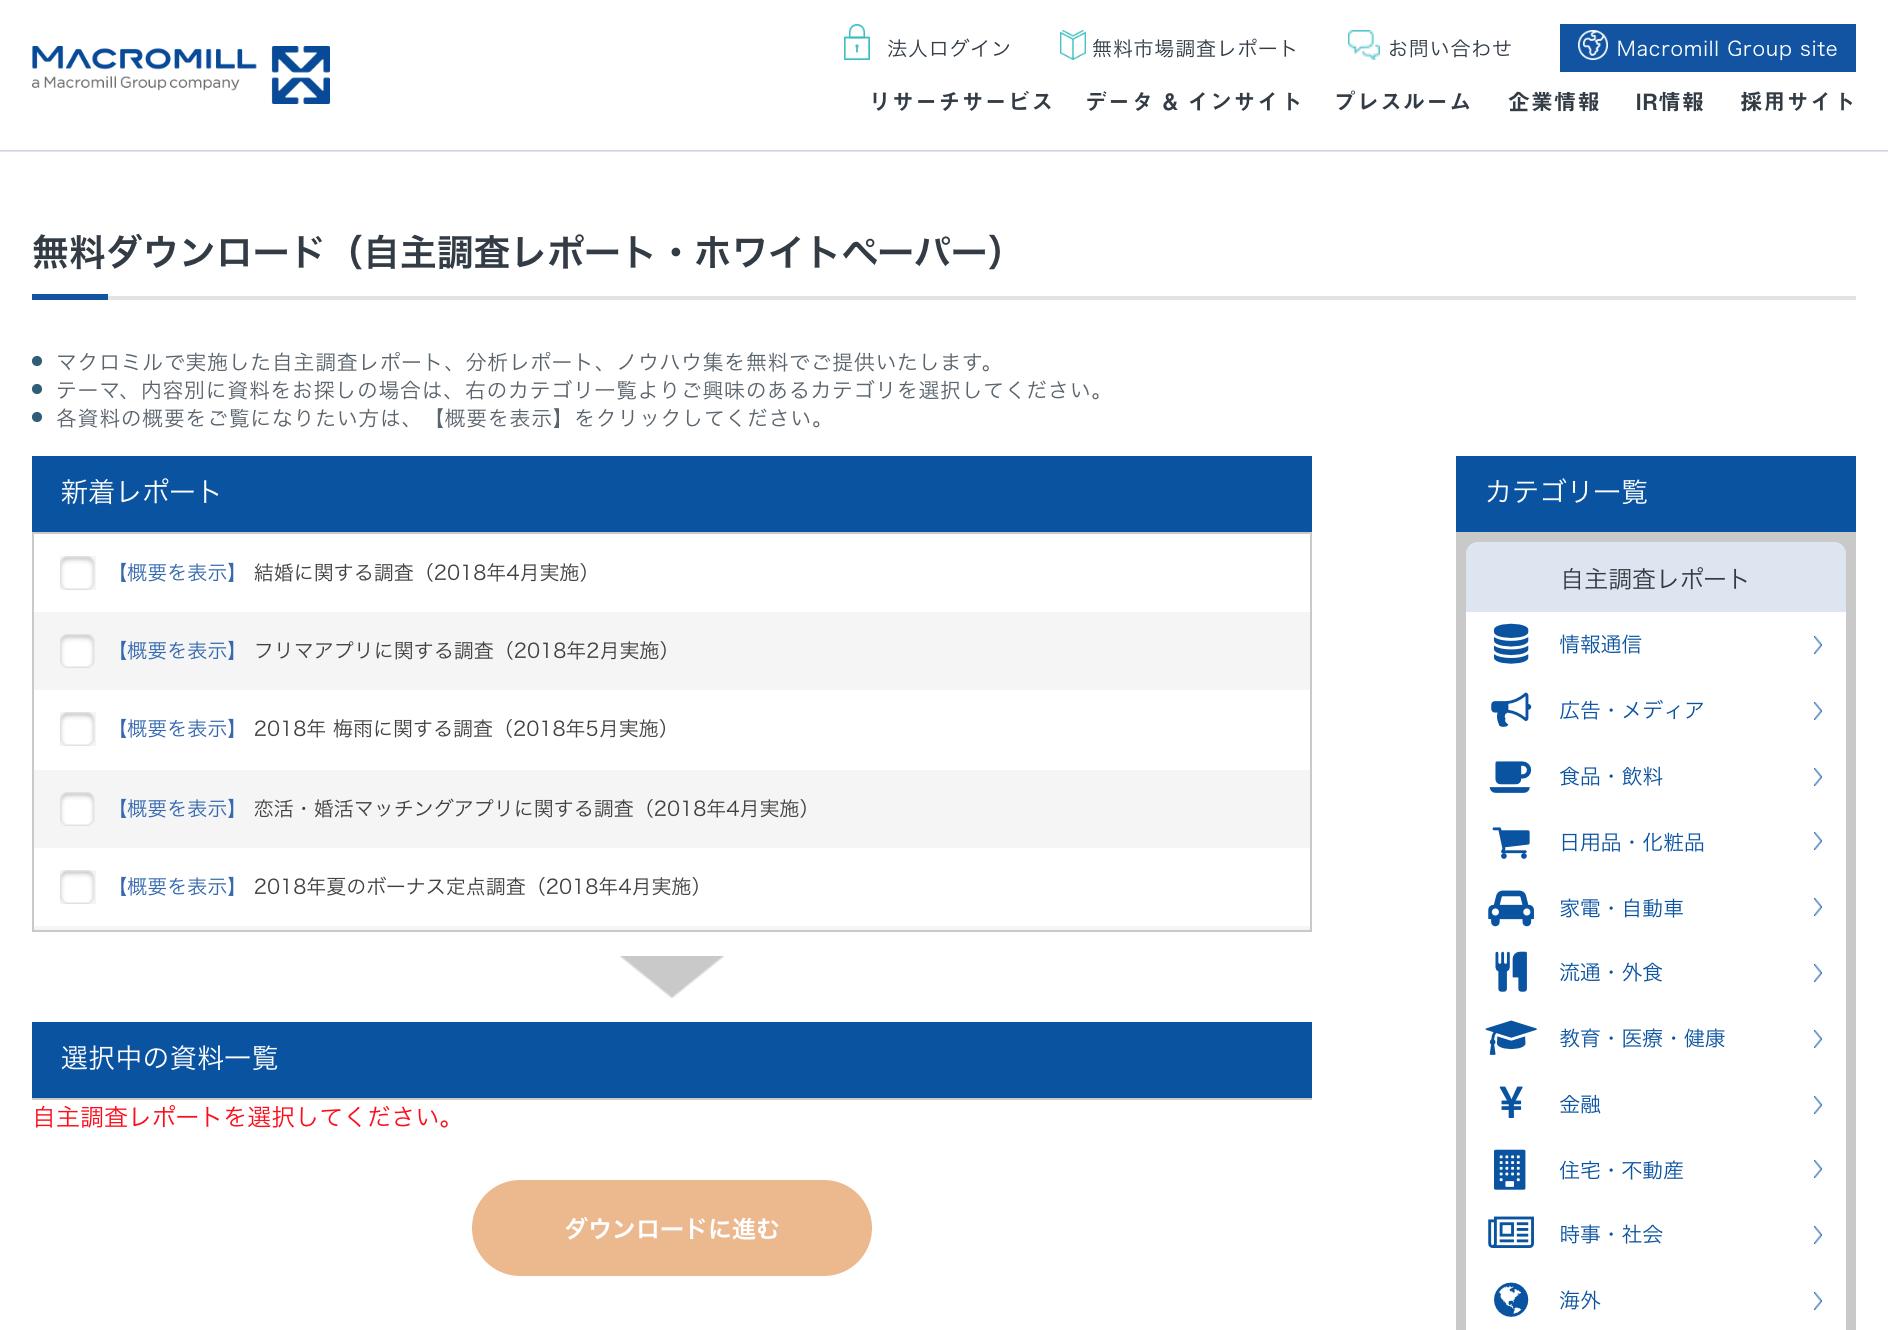 マクロミル資料ダウンロードサイトのスクリーンショット